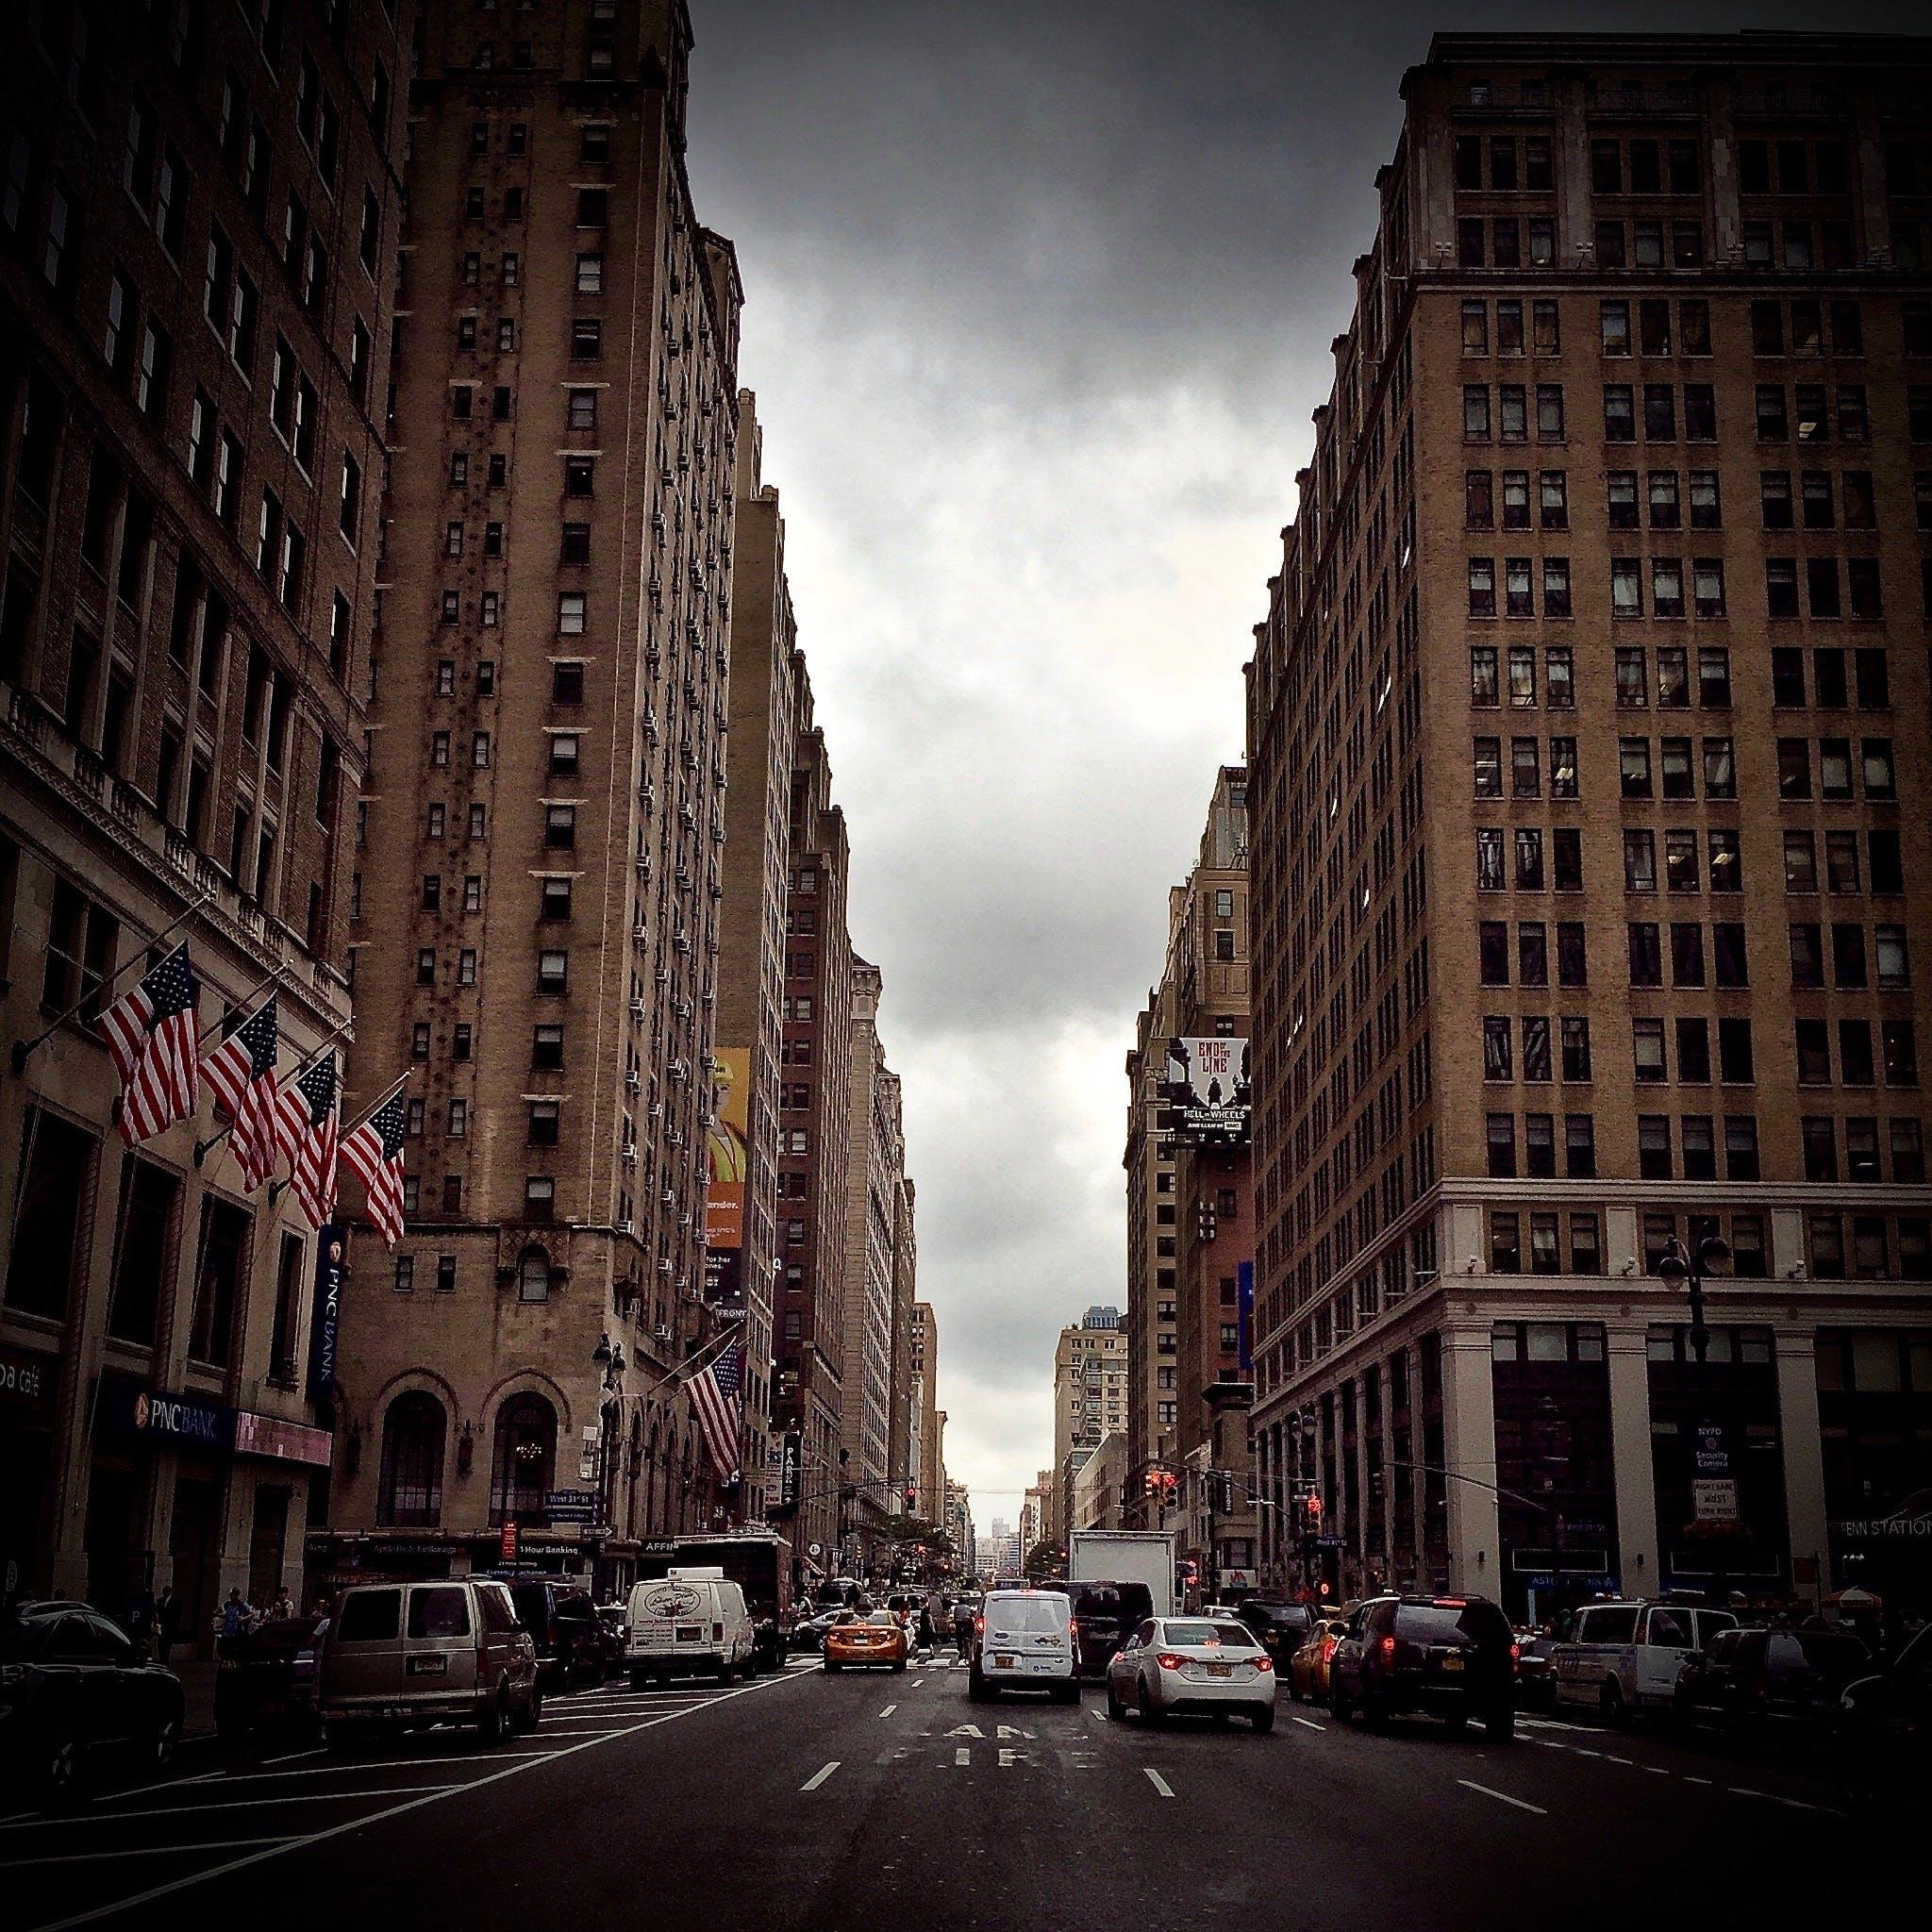 Δωρεάν στοκ φωτογραφιών με Αμερικανικές σημαίες, απασχολημένος, αρχιτεκτονική, αστικός